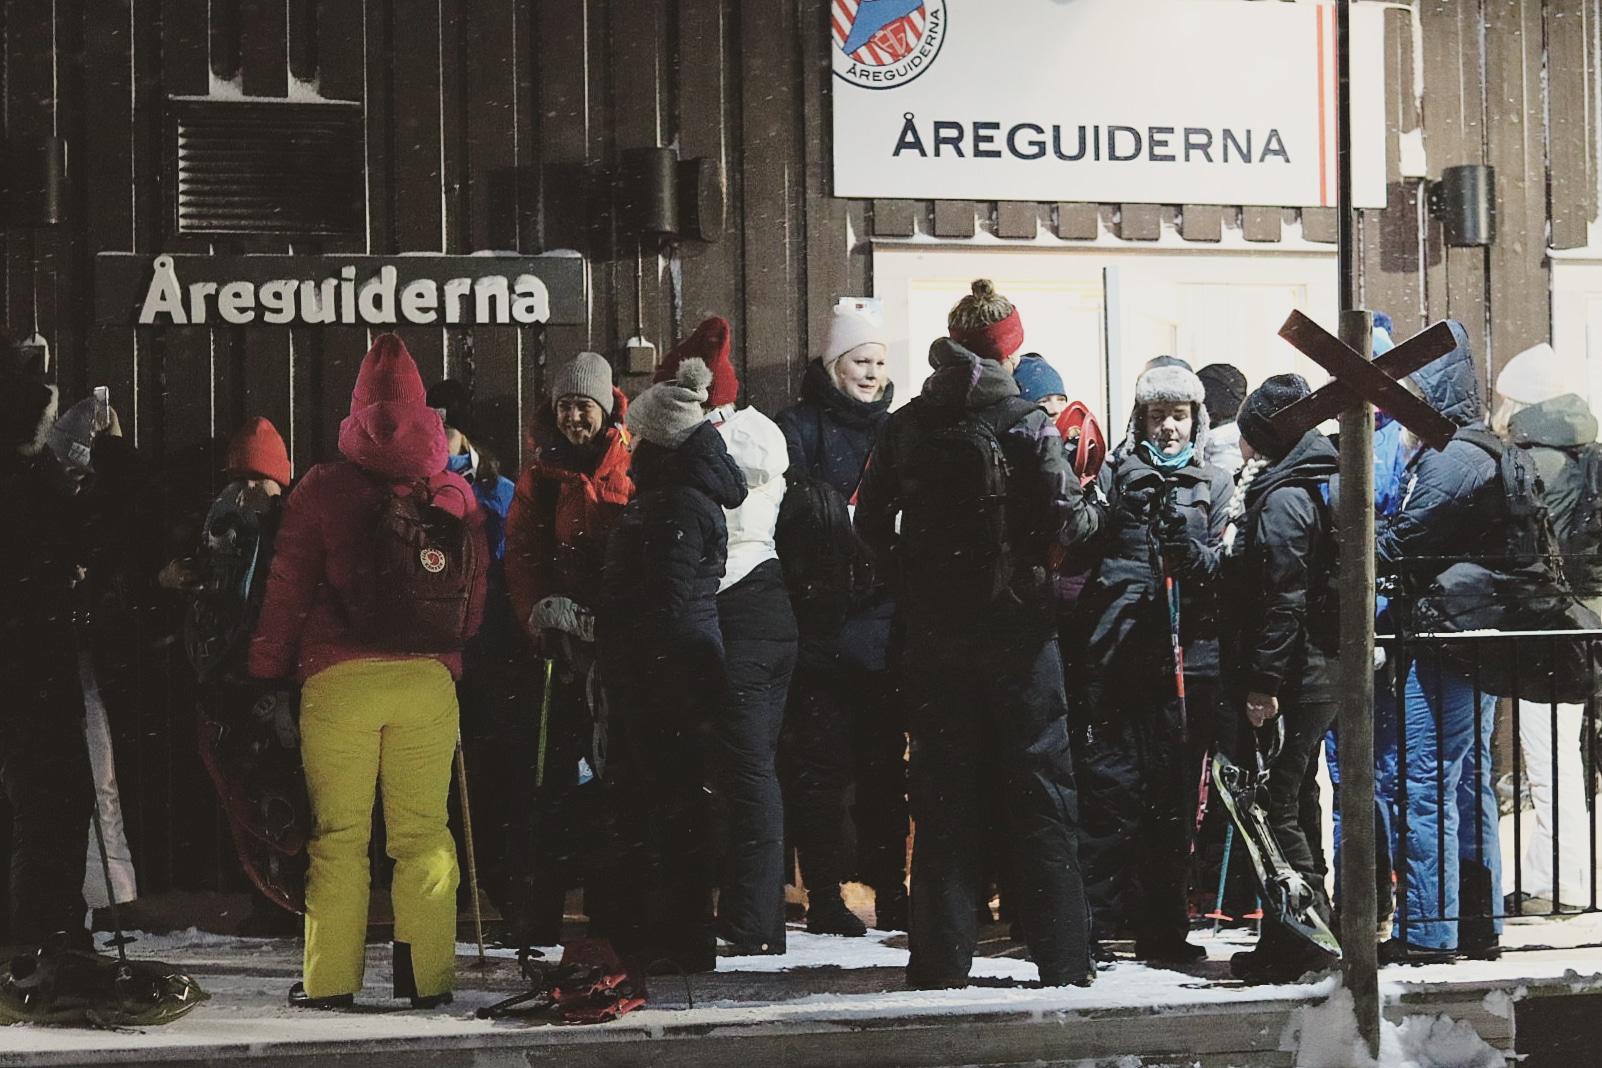 friendcation_åreguiderna_snöskor